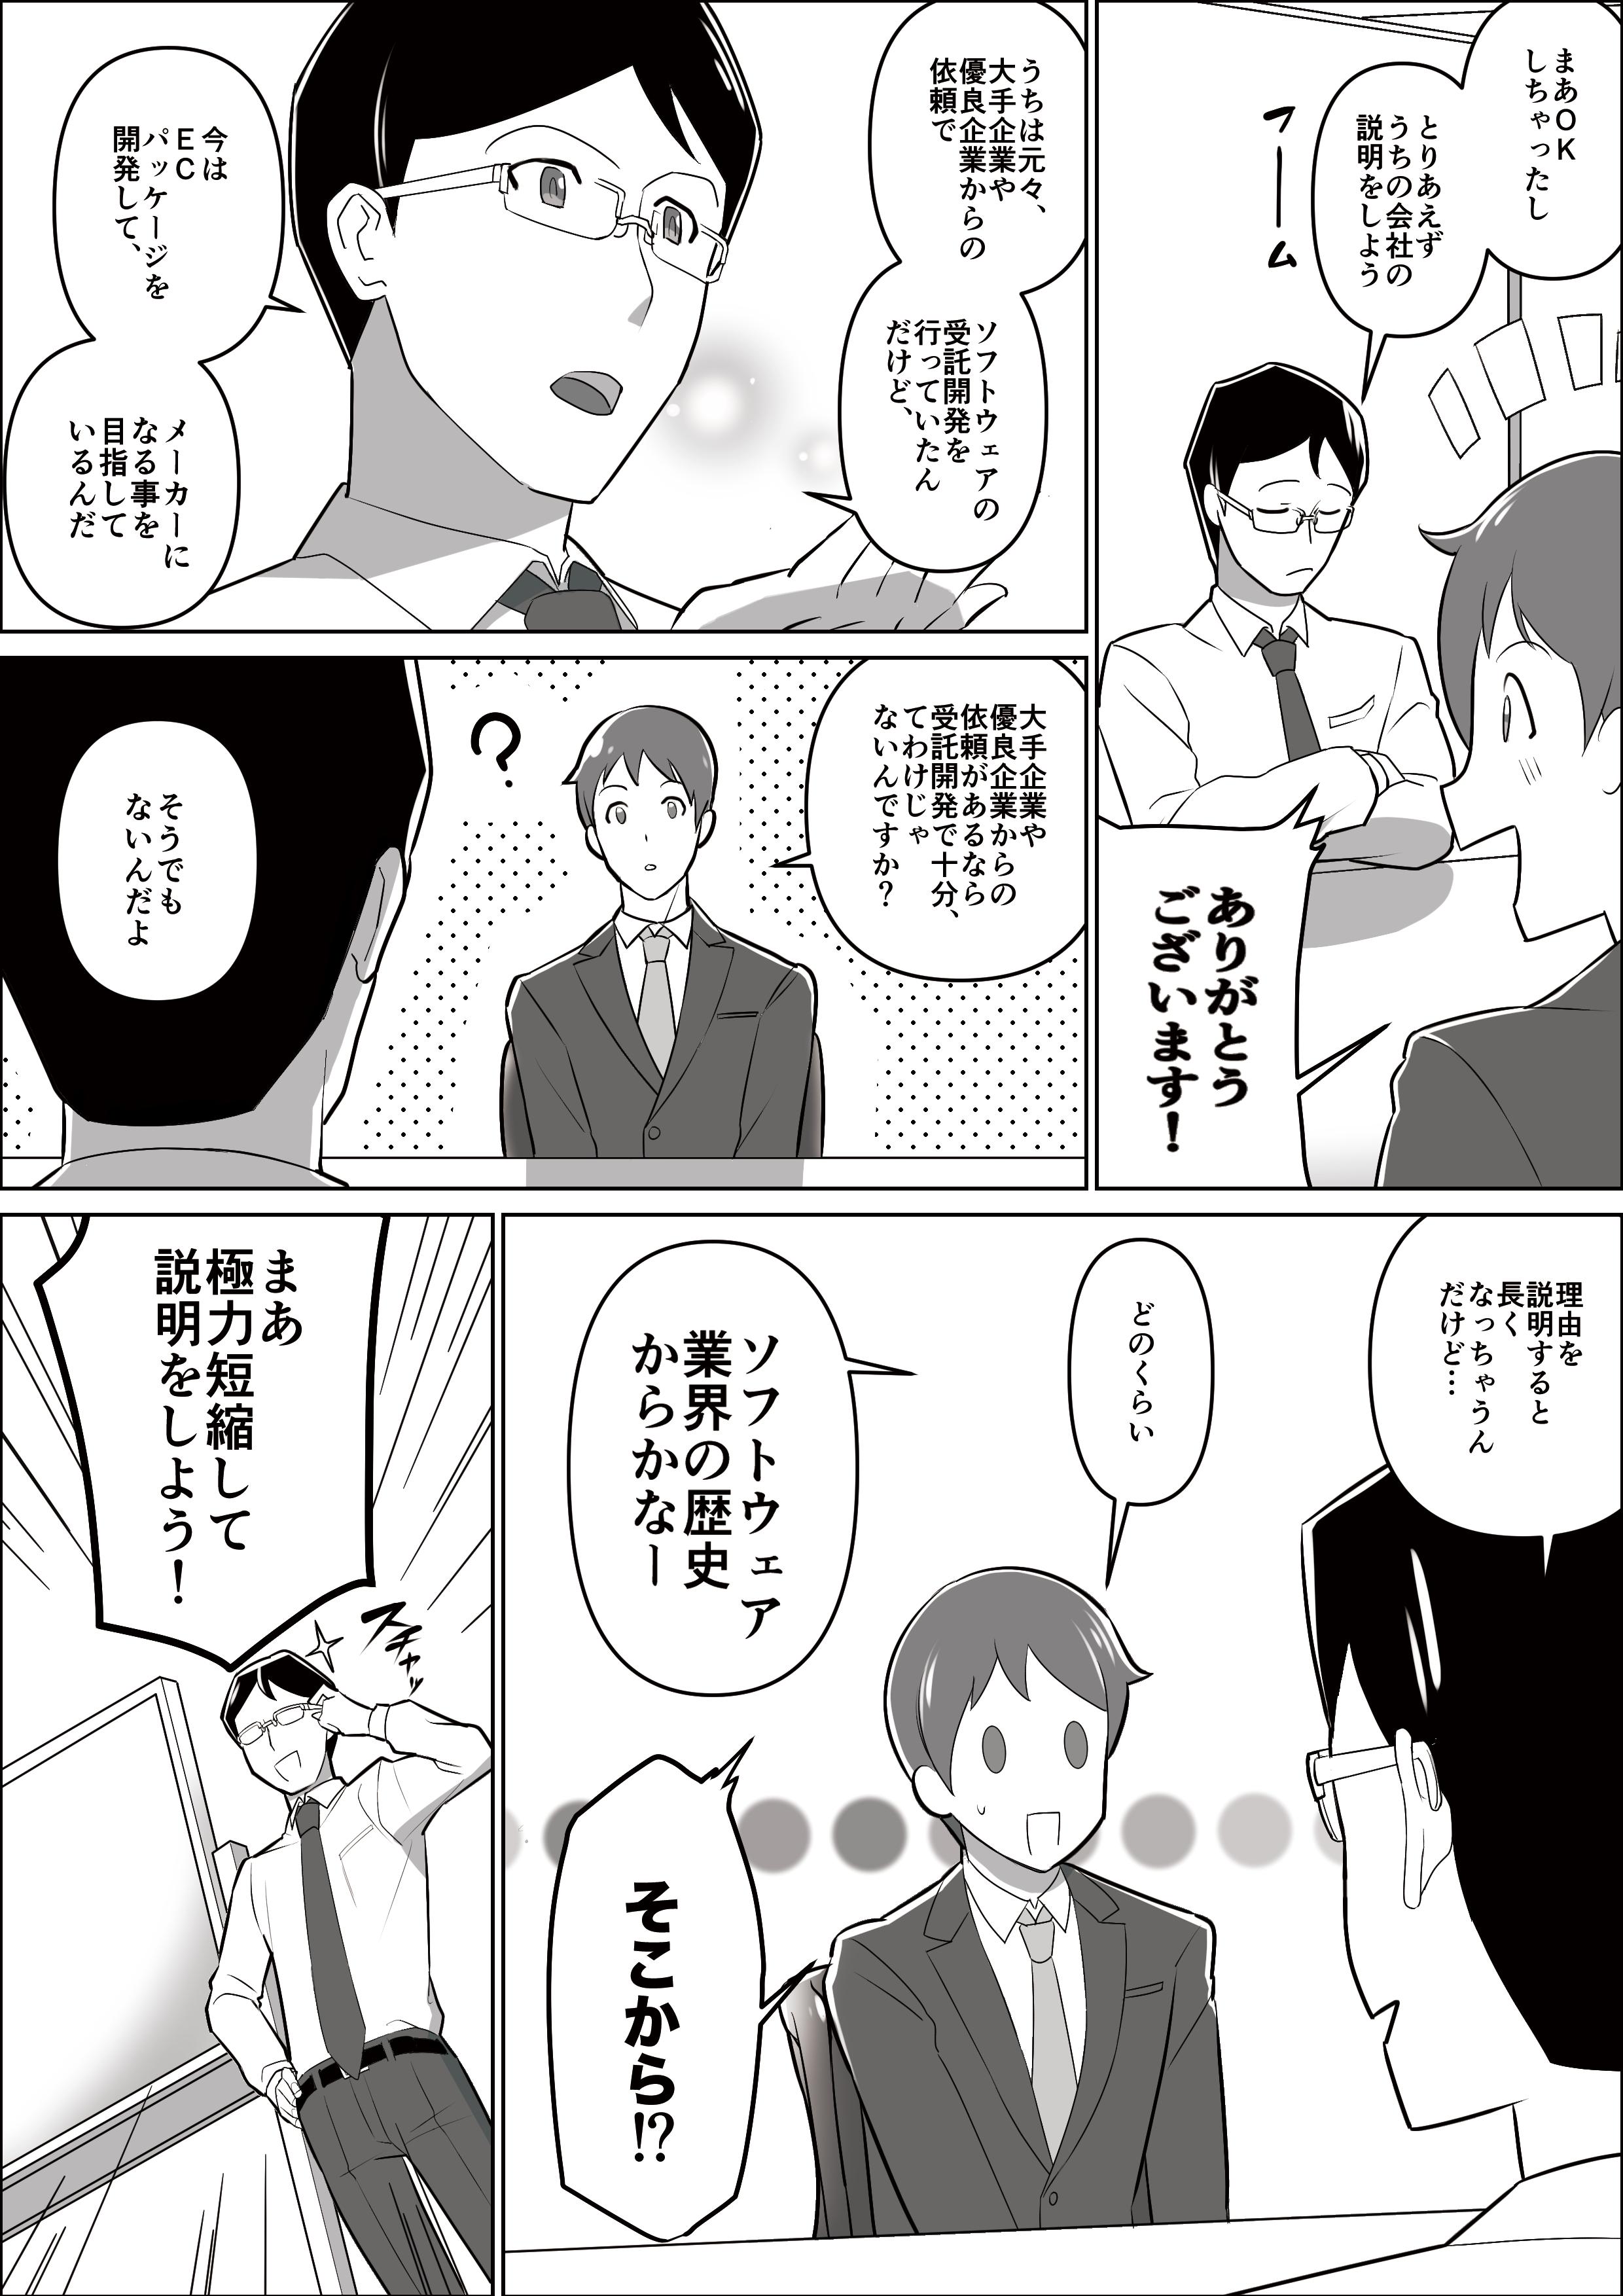 会社紹介漫画 新卒編2